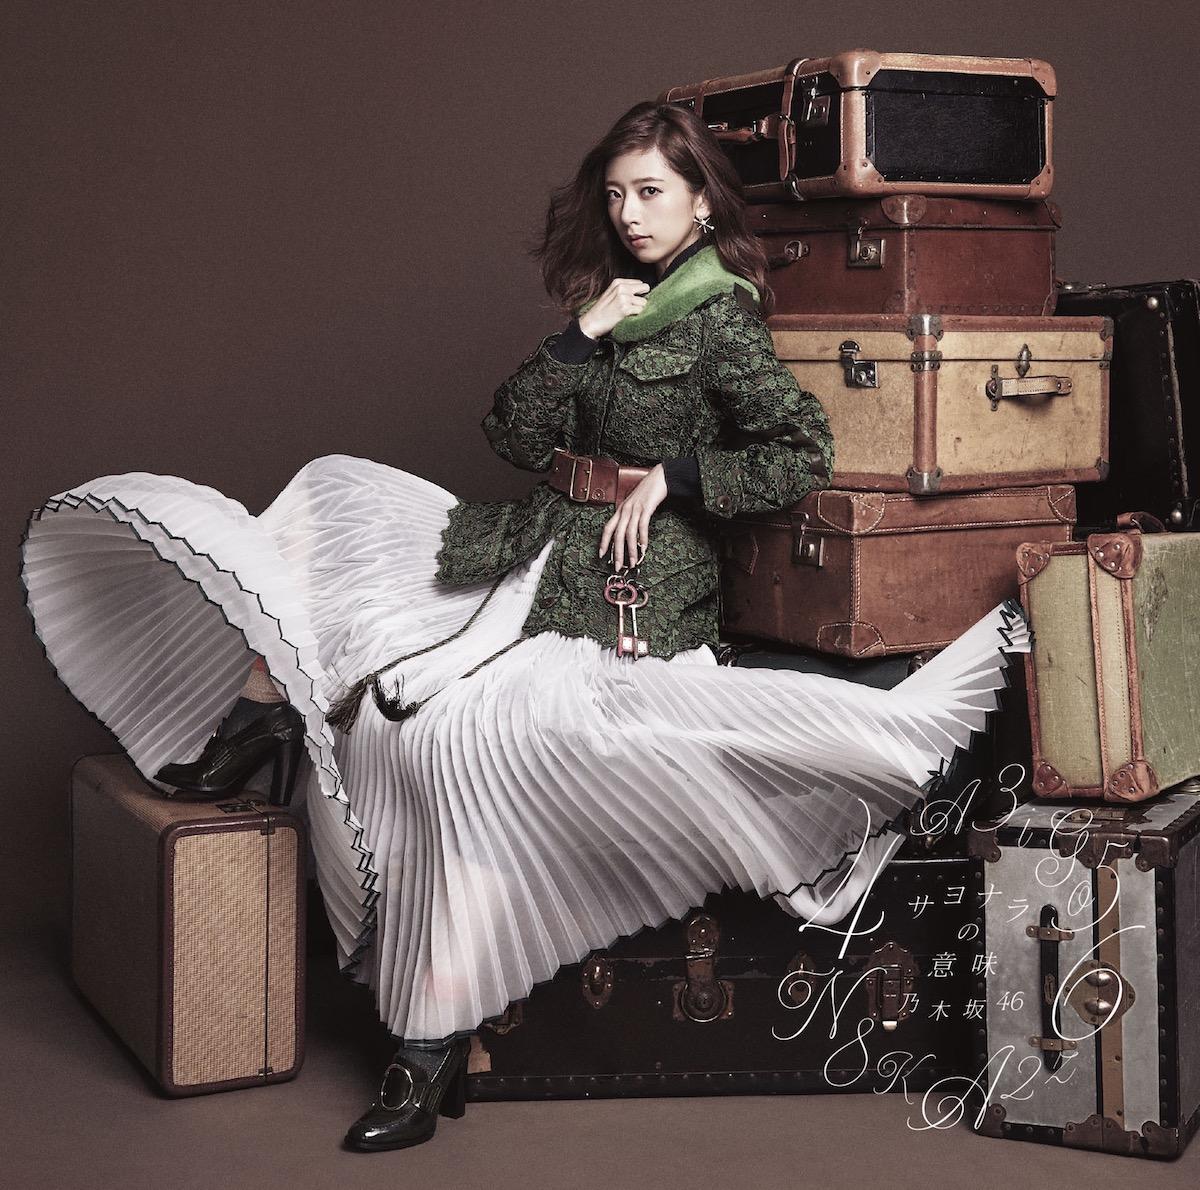 乃木坂46・16thシングル「サヨナラの意味」Type-A